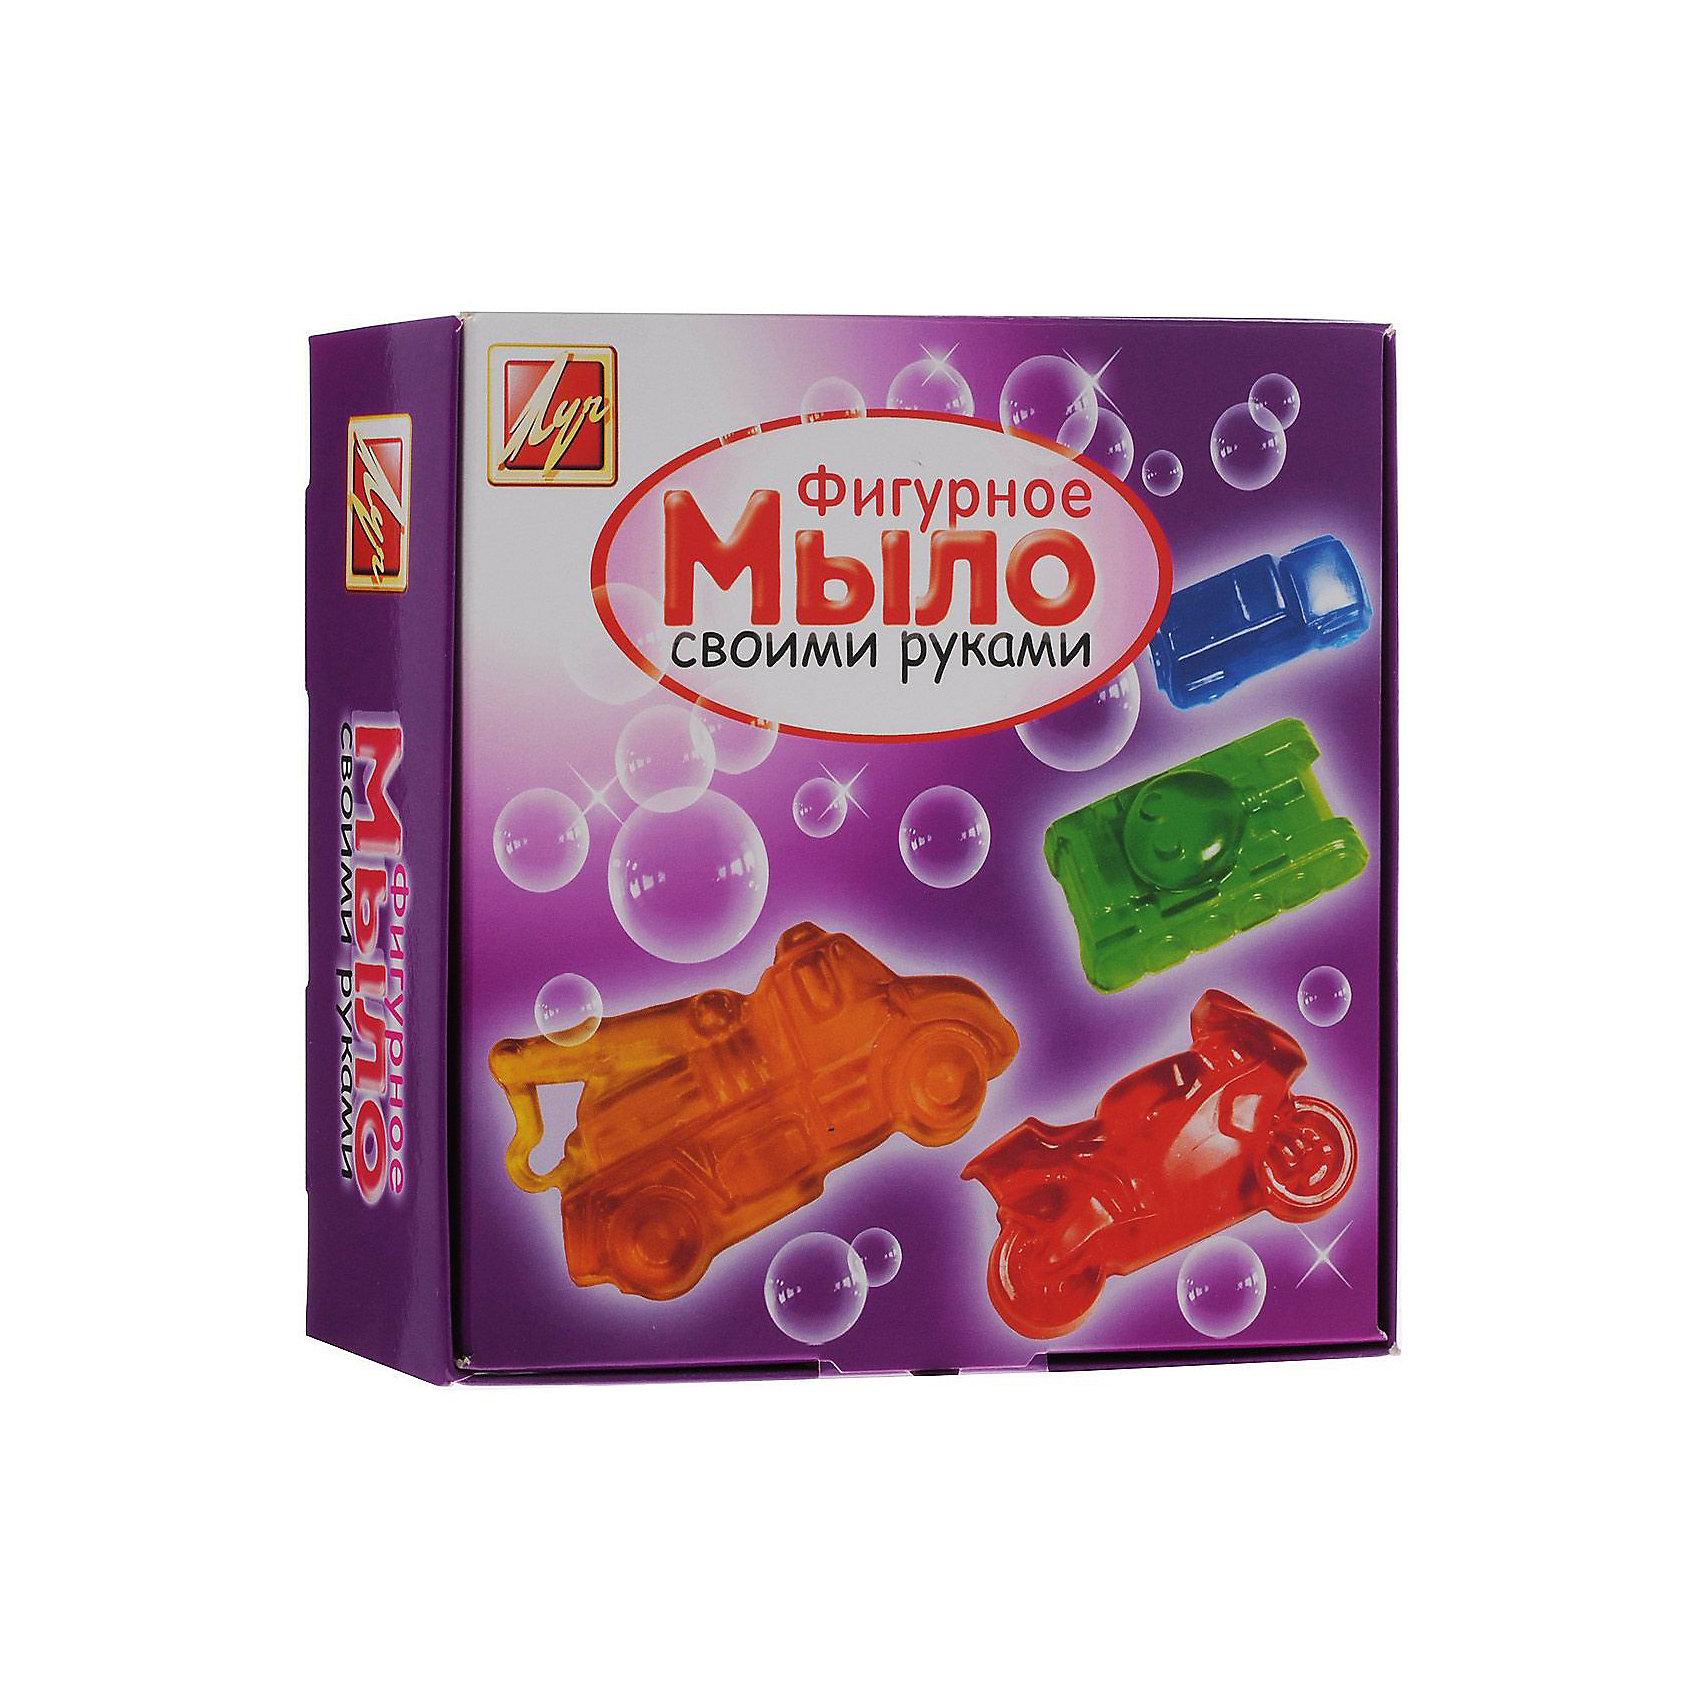 Набор для изготовления мыла Машины ЛучНаборы для создания мыла<br>Характеристики:<br><br>• возраст: от 7 лет<br>• в наборе: мыльная основа (прозрачная, белая) 200 гр; красители пищевые 3 шт по 5 мл (желтый, красный, синий); форма для мыла в виде мотоцикла (9х5,5х1,5 см); форма для мыла в виде танка (8,5х5,3х1,5 см); форма для мыла в виде пожарной машины (10х5,5х2 см); форма для мыла в виде легкового автомобиля (8,5х4,5х2 см); пластиковый стакан; стек; инструкция на русском языке.<br>• упаковка: картонная коробка<br>• размер упаковки: 18х18х8 см.<br>• вес: 355 гр.<br><br>Набор для изготовления мыла «Машины» поможет быстро и легко освоить мыловарение и самостоятельно создать оригинальное мыло четырех разных форм. Готовое изделие станет прекрасным подарком близким и друзьям.<br><br>Набор для изготовления мыла Машины Луч можно купить в нашем интернет-магазине.<br><br>Ширина мм: 180<br>Глубина мм: 180<br>Высота мм: 80<br>Вес г: 360<br>Возраст от месяцев: 84<br>Возраст до месяцев: 2147483647<br>Пол: Унисекс<br>Возраст: Детский<br>SKU: 7010494